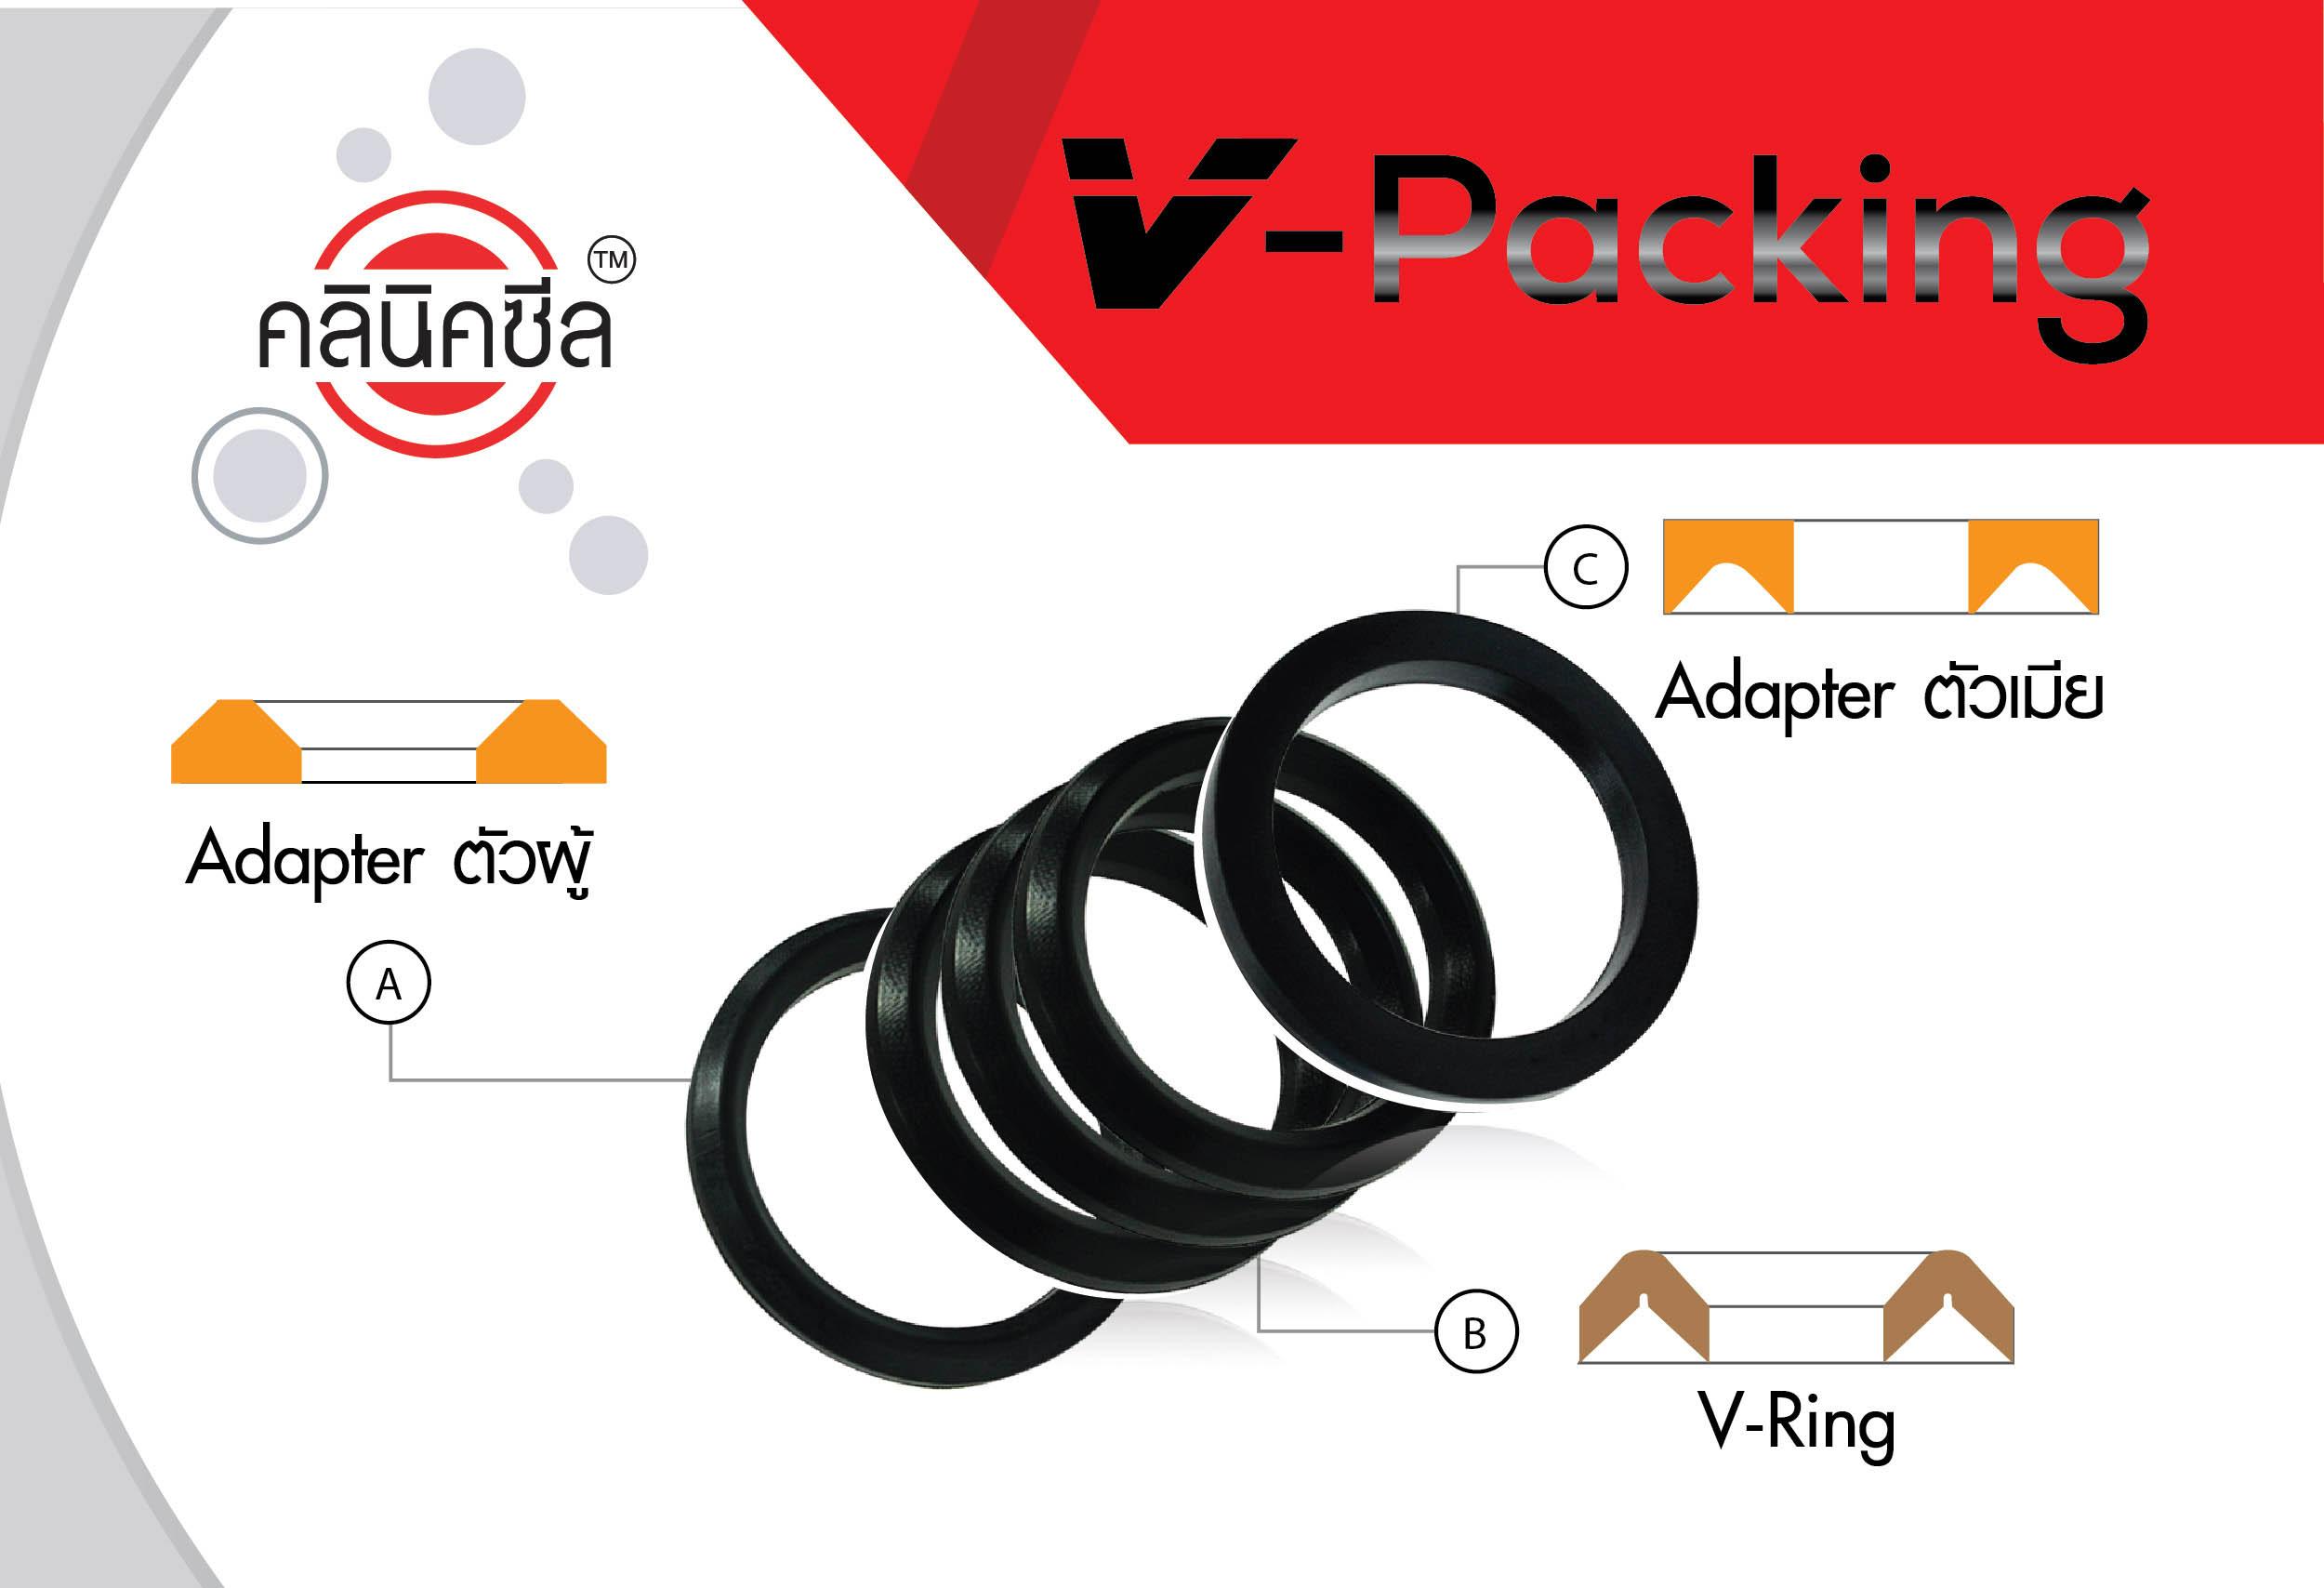 มาทำความรู้จักกับซีล V-Packing